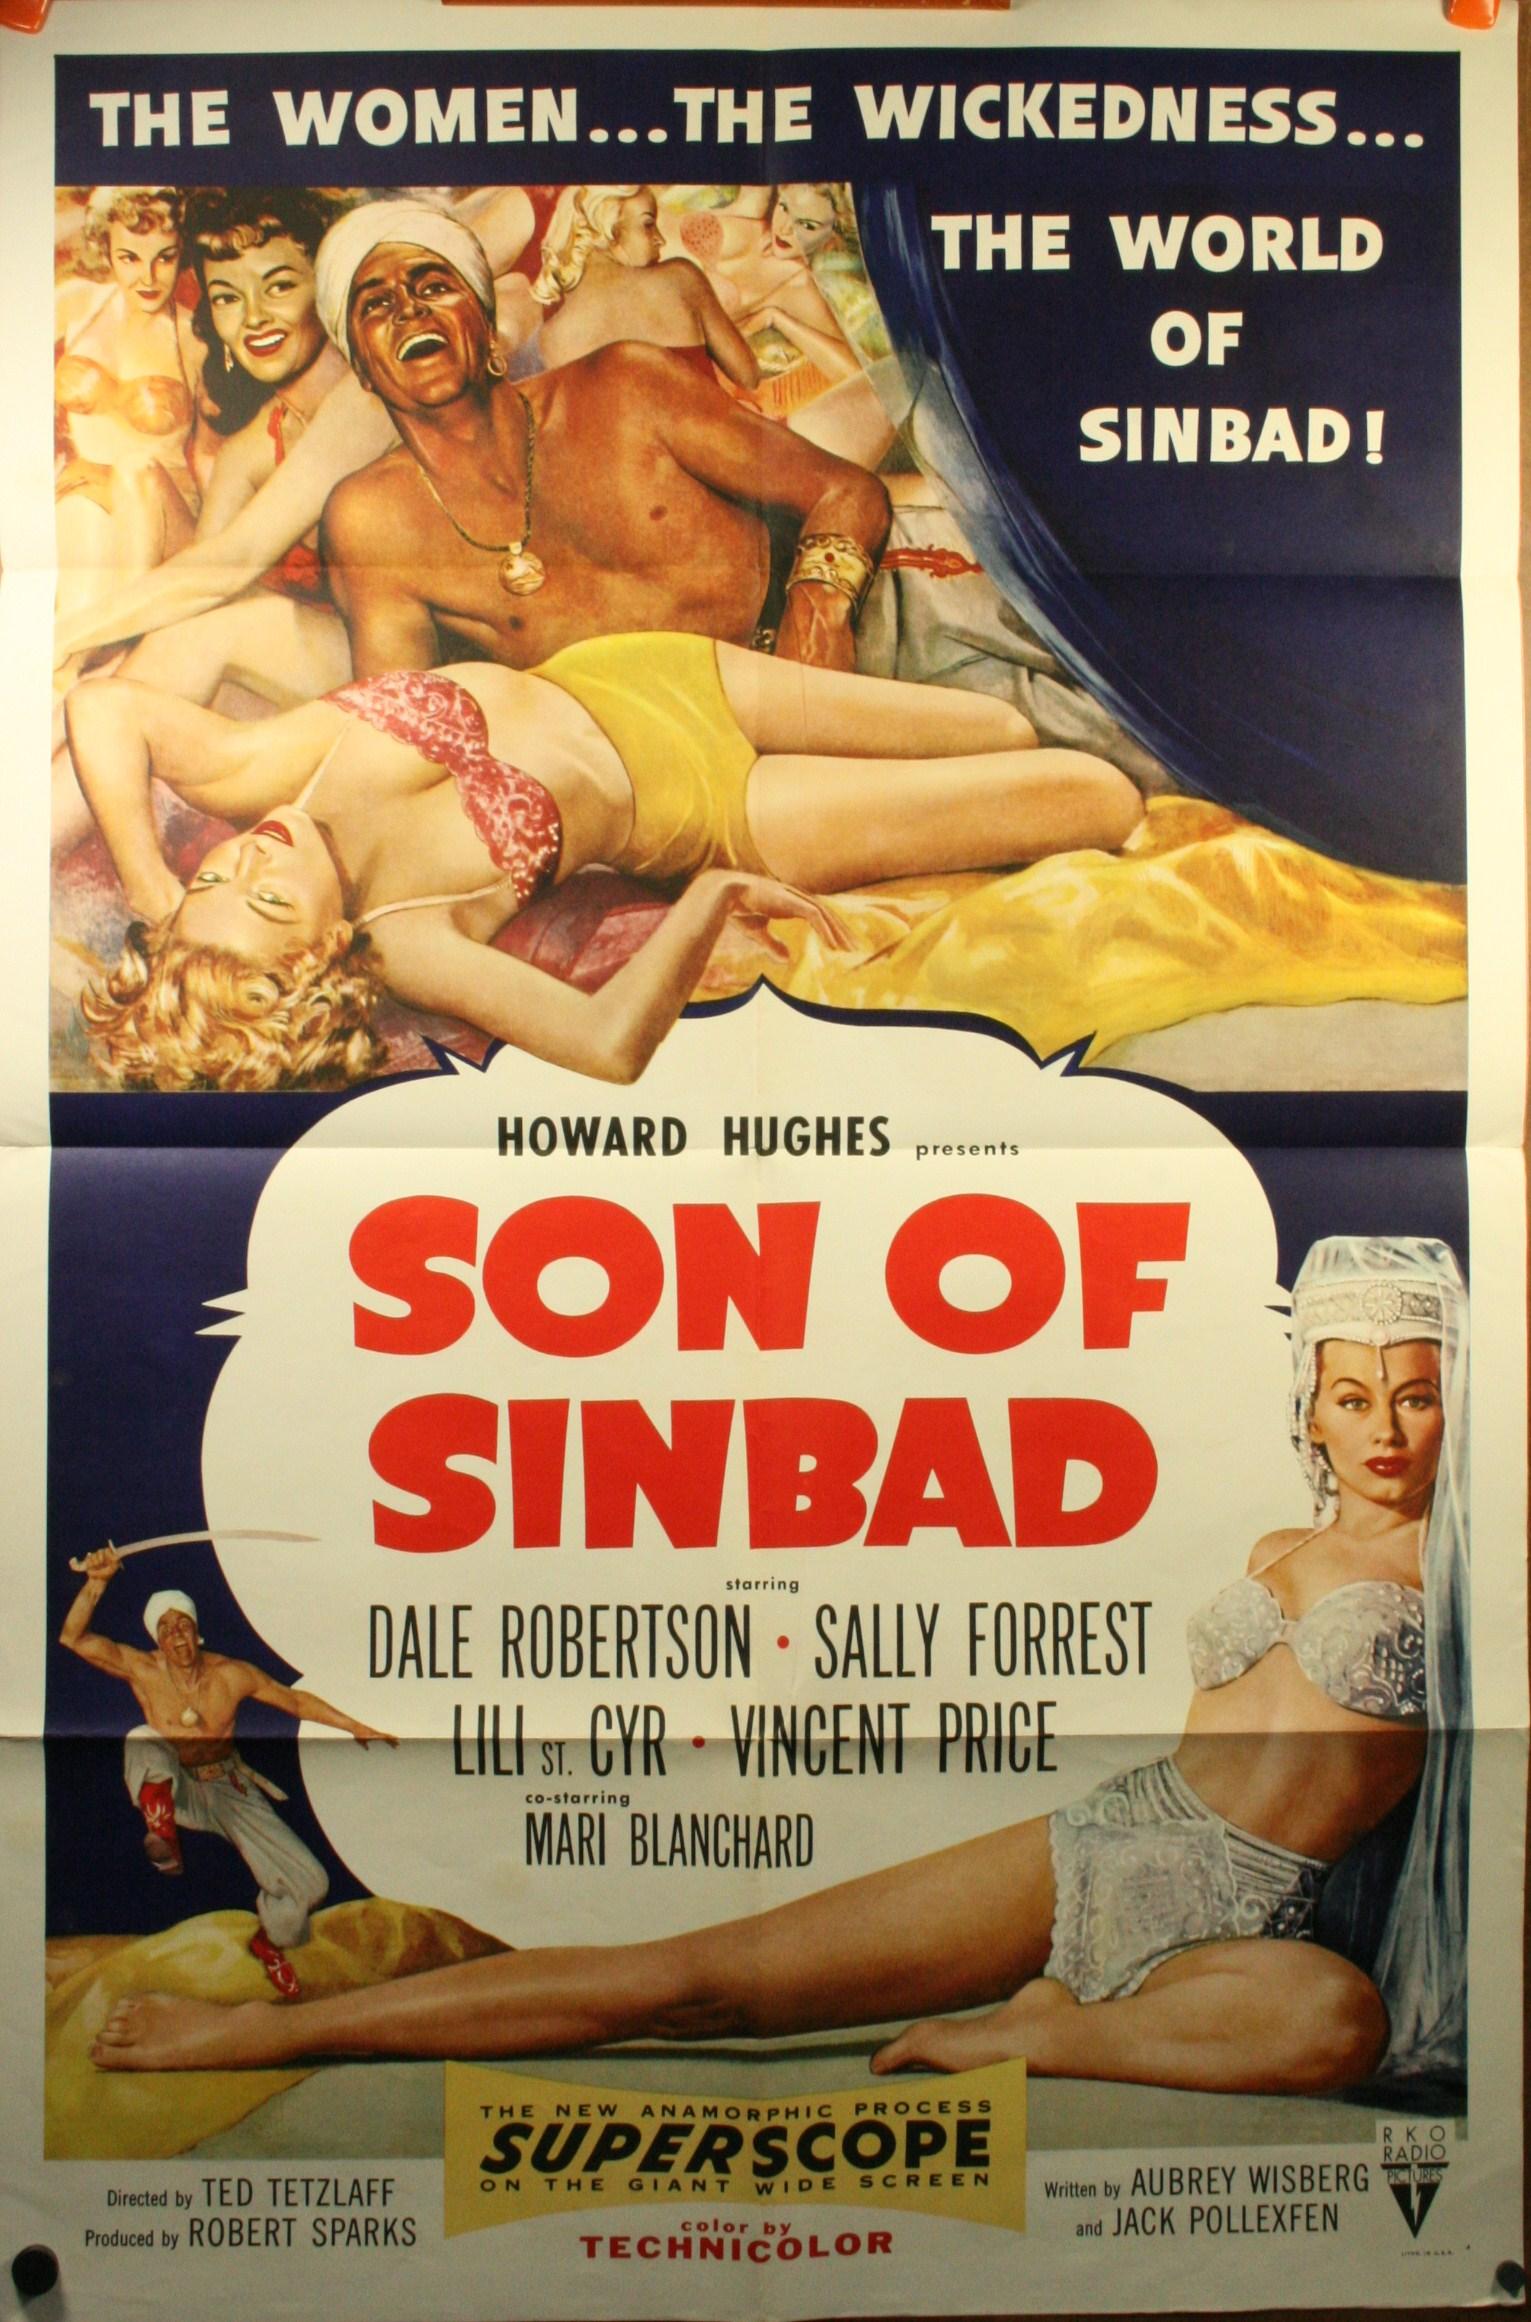 Son of Sinbad movie